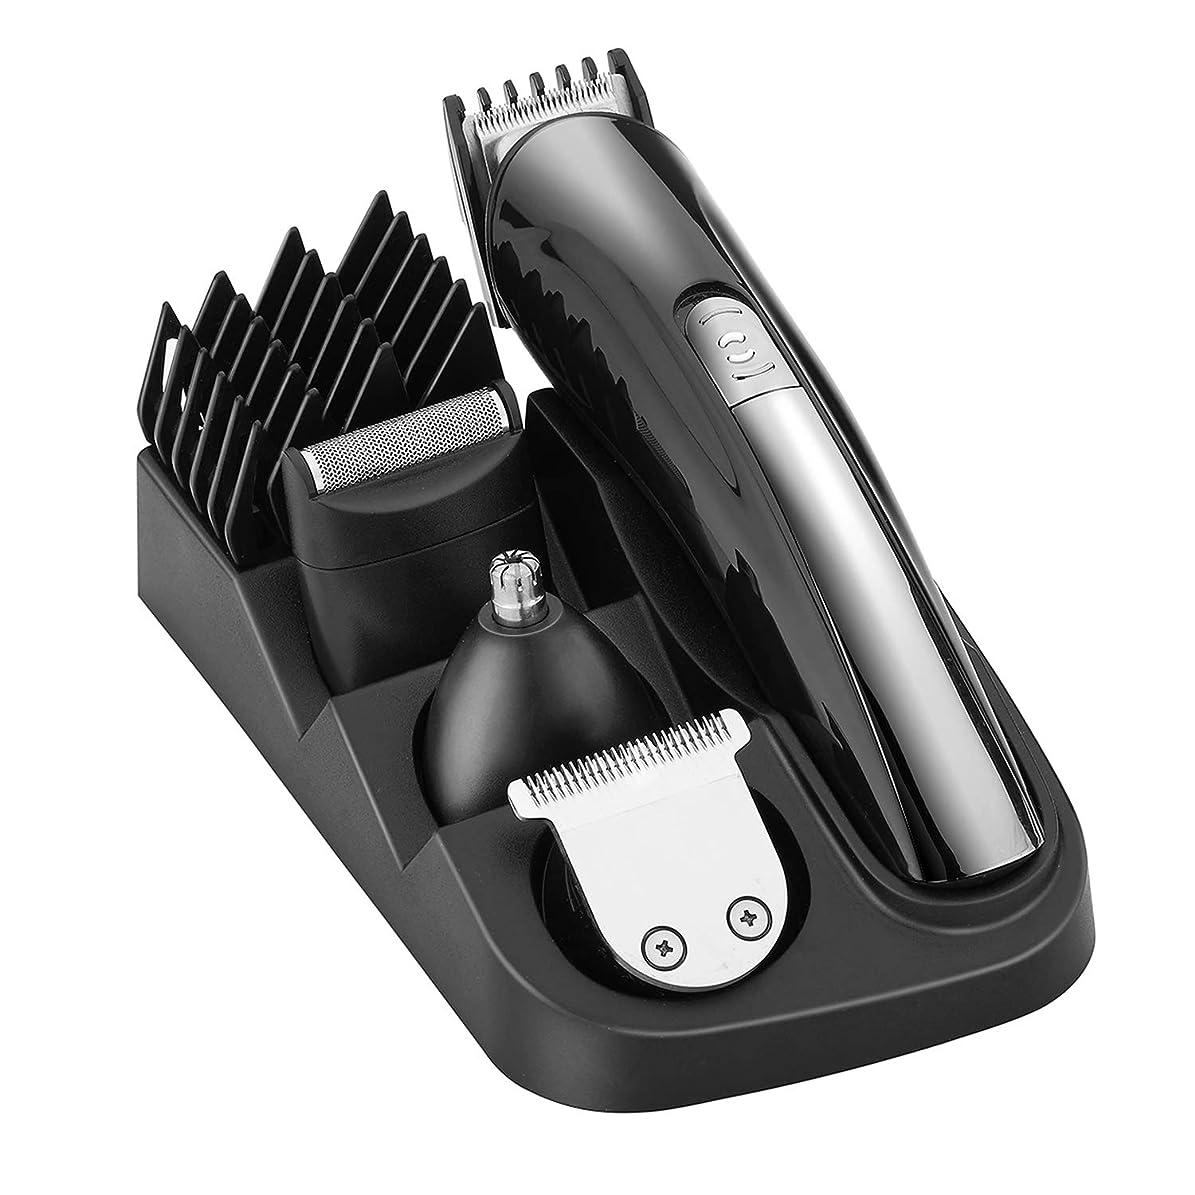 食欲写真を描く霧ブラウン マルチグルーマー ヒゲトリマー 水洗い可 MG5050